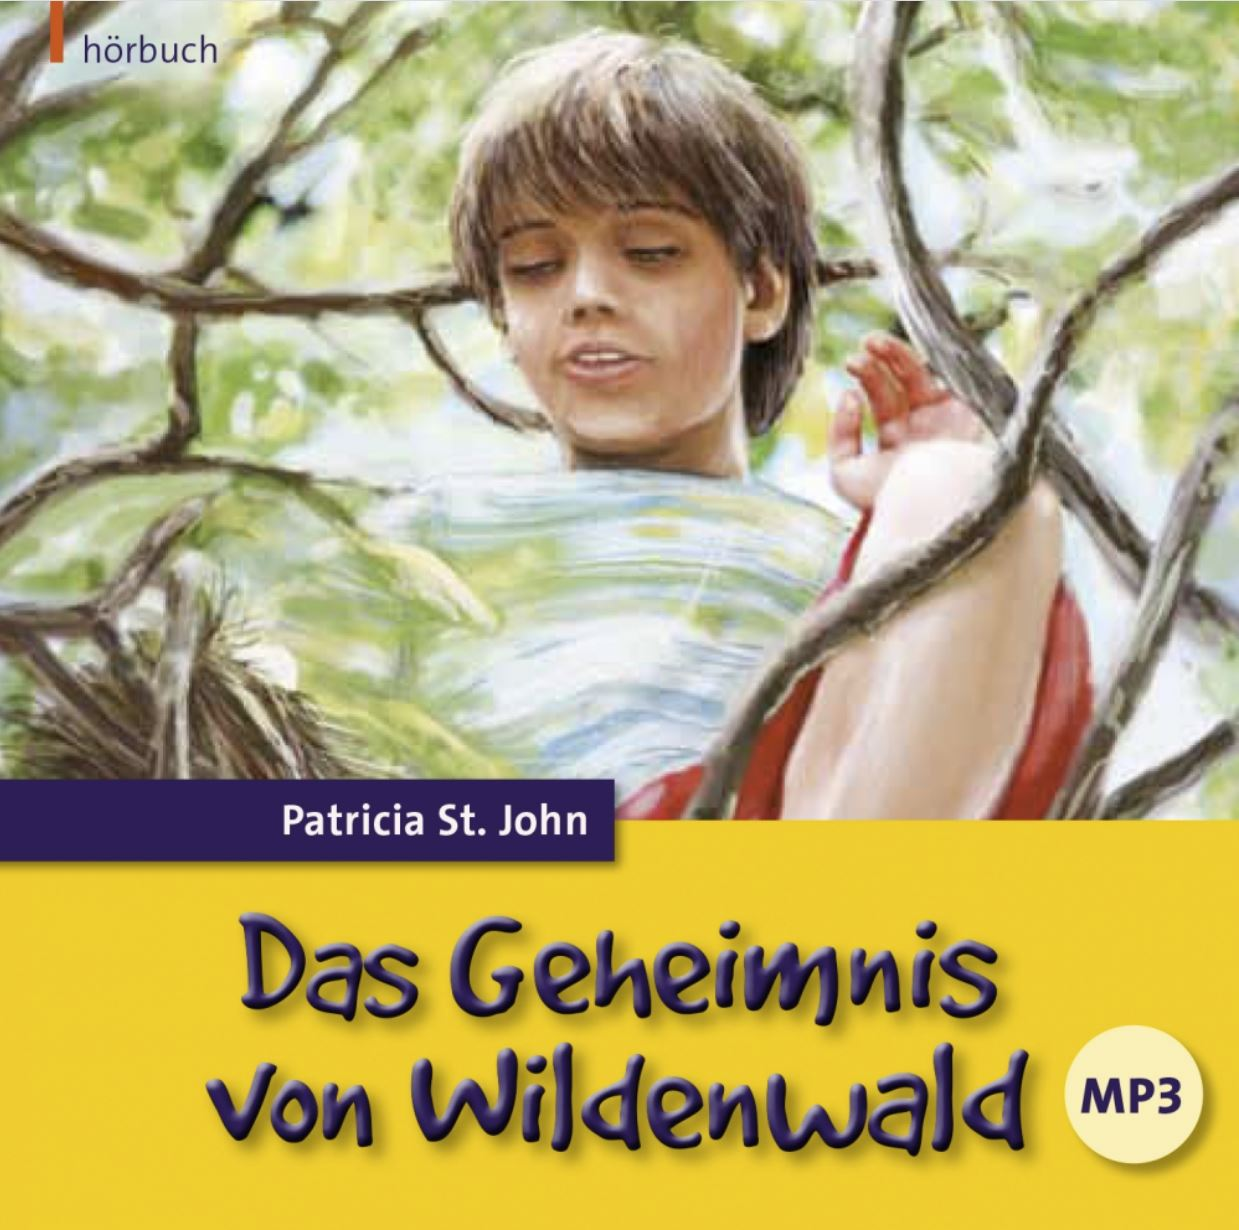 Das Geheimnis von Wildenwald (Hörbuch [MP3])